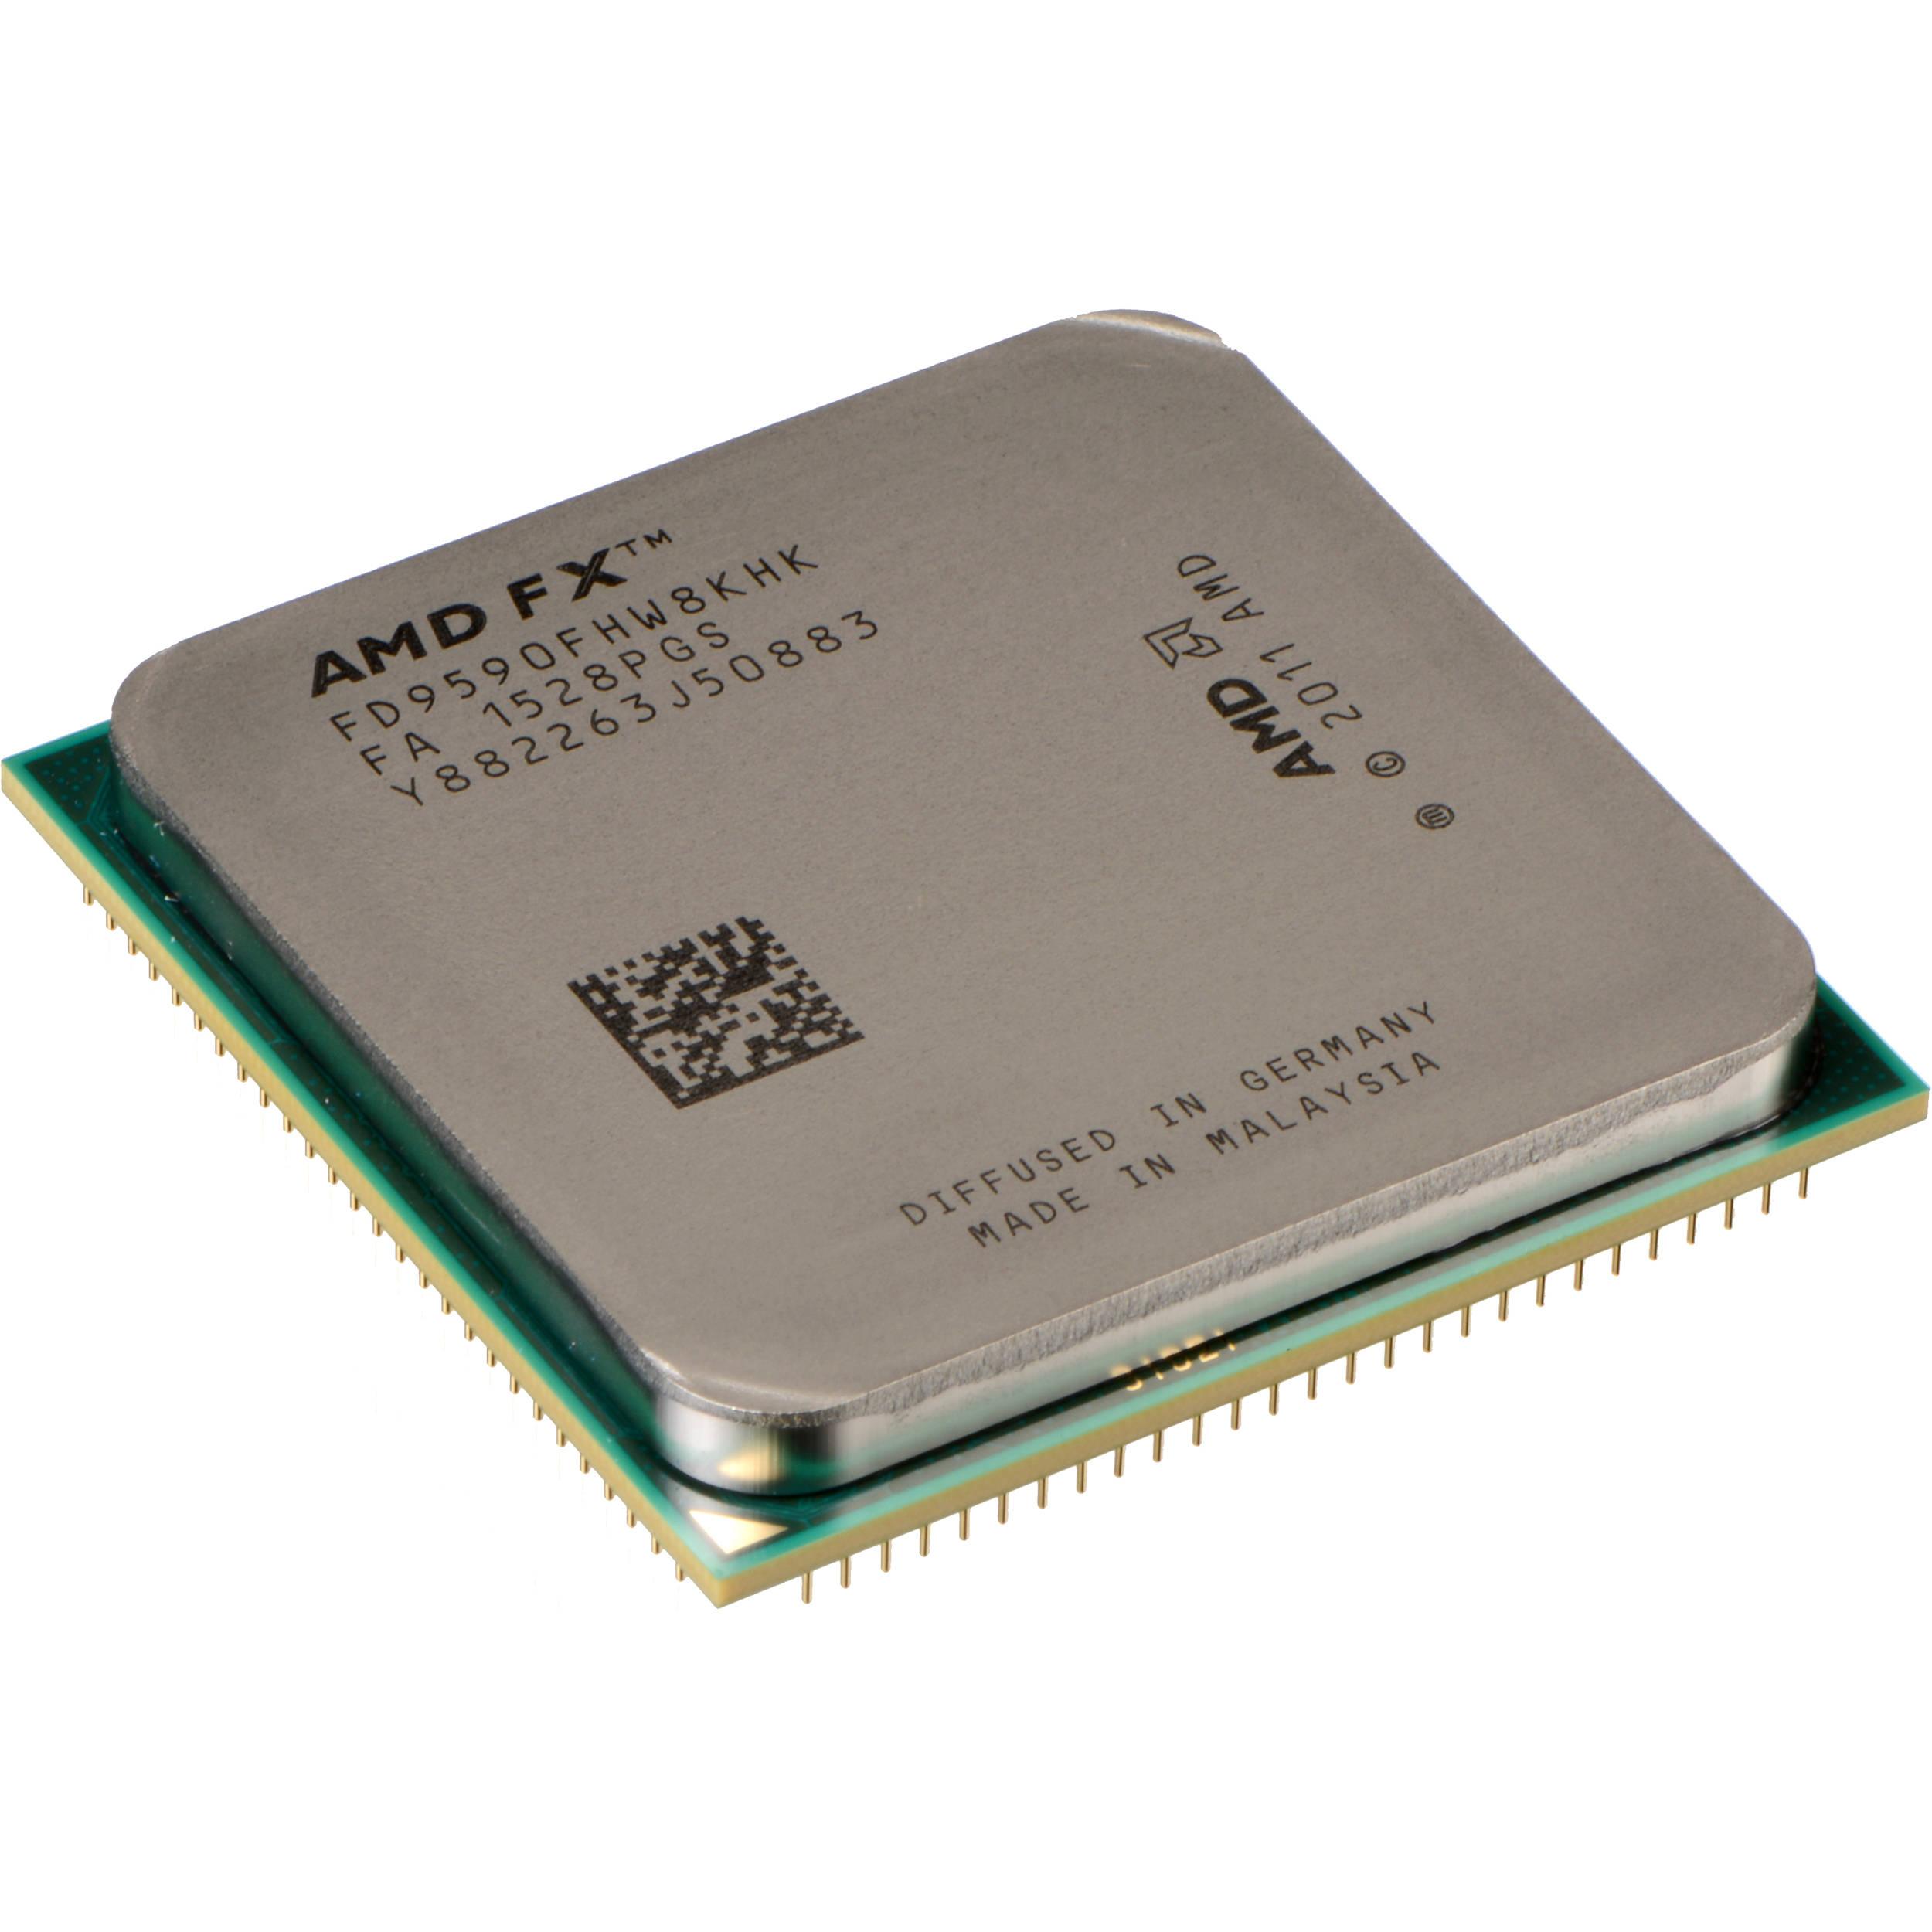 AMD 8-Core FX 9590 4 7 GHz Processor